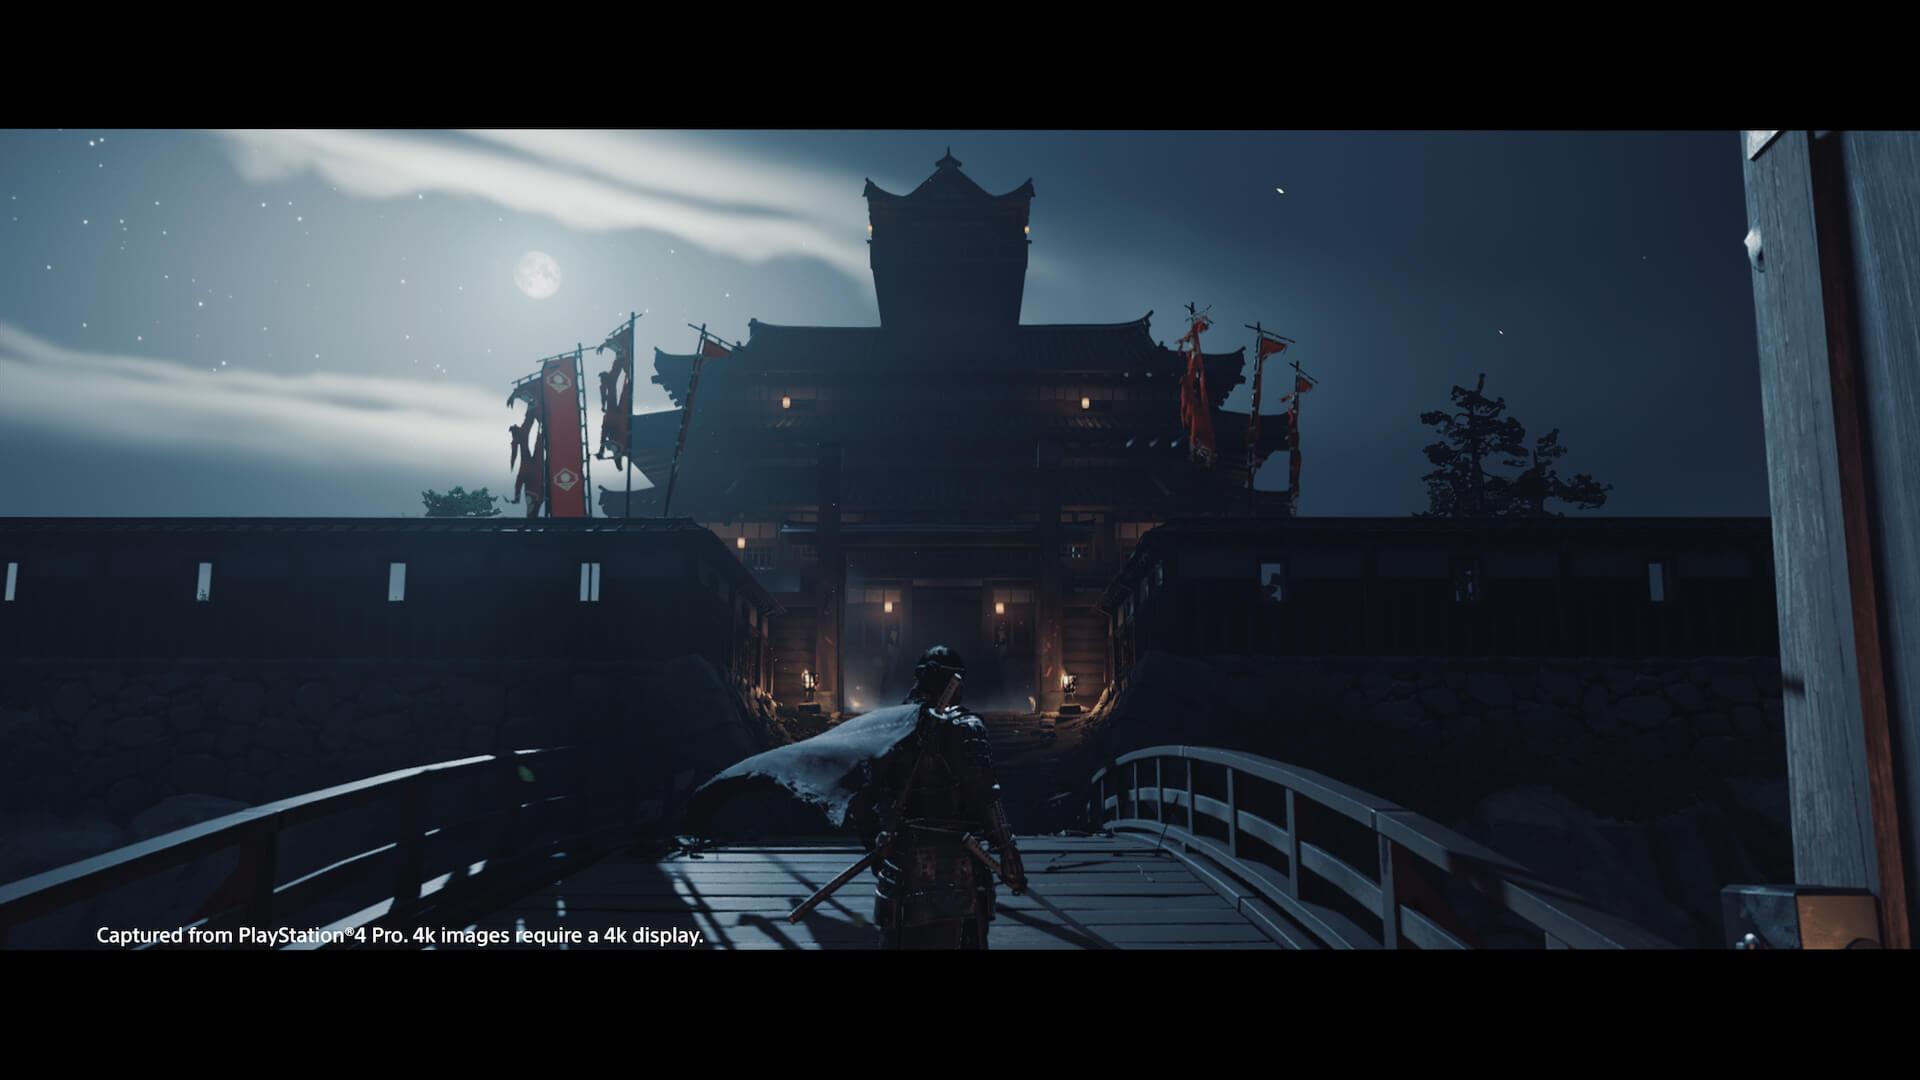 新感覚のオープンワールド時代劇を体感せよ!PS4専用ソフト『Ghost of Tsushima』がついに本日発売 tech200717_ghostoftsushima_10